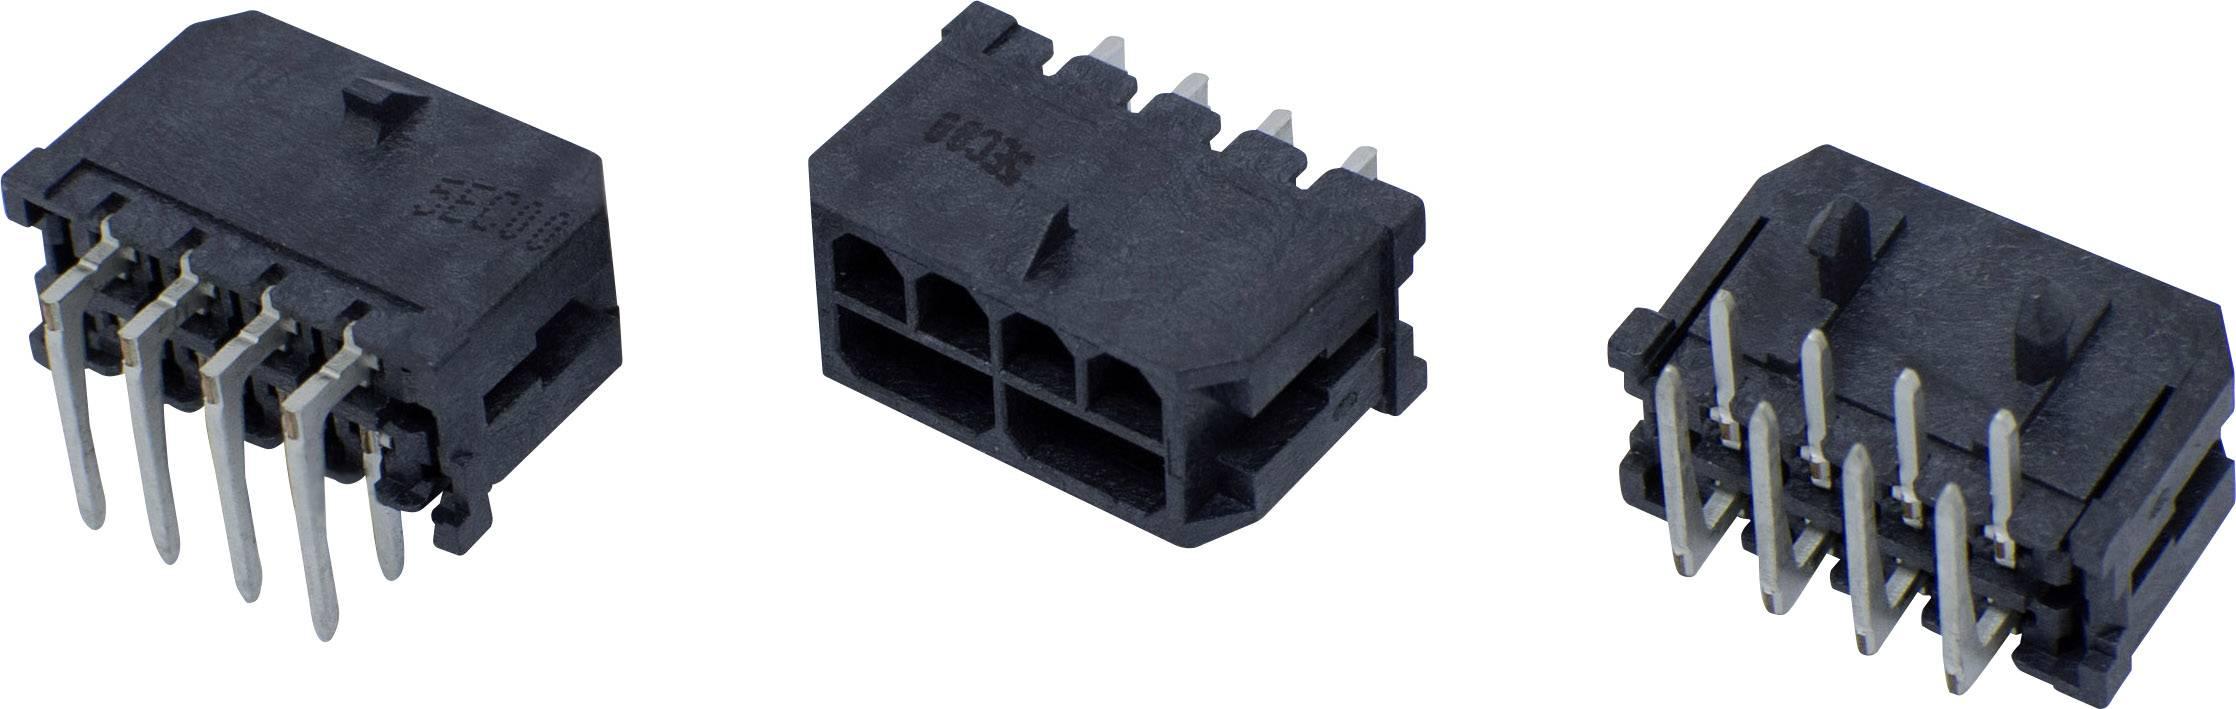 Pinová lišta (standardní) BellWether 70095-2208, pólů 22, rozteč 3 mm, 1 ks